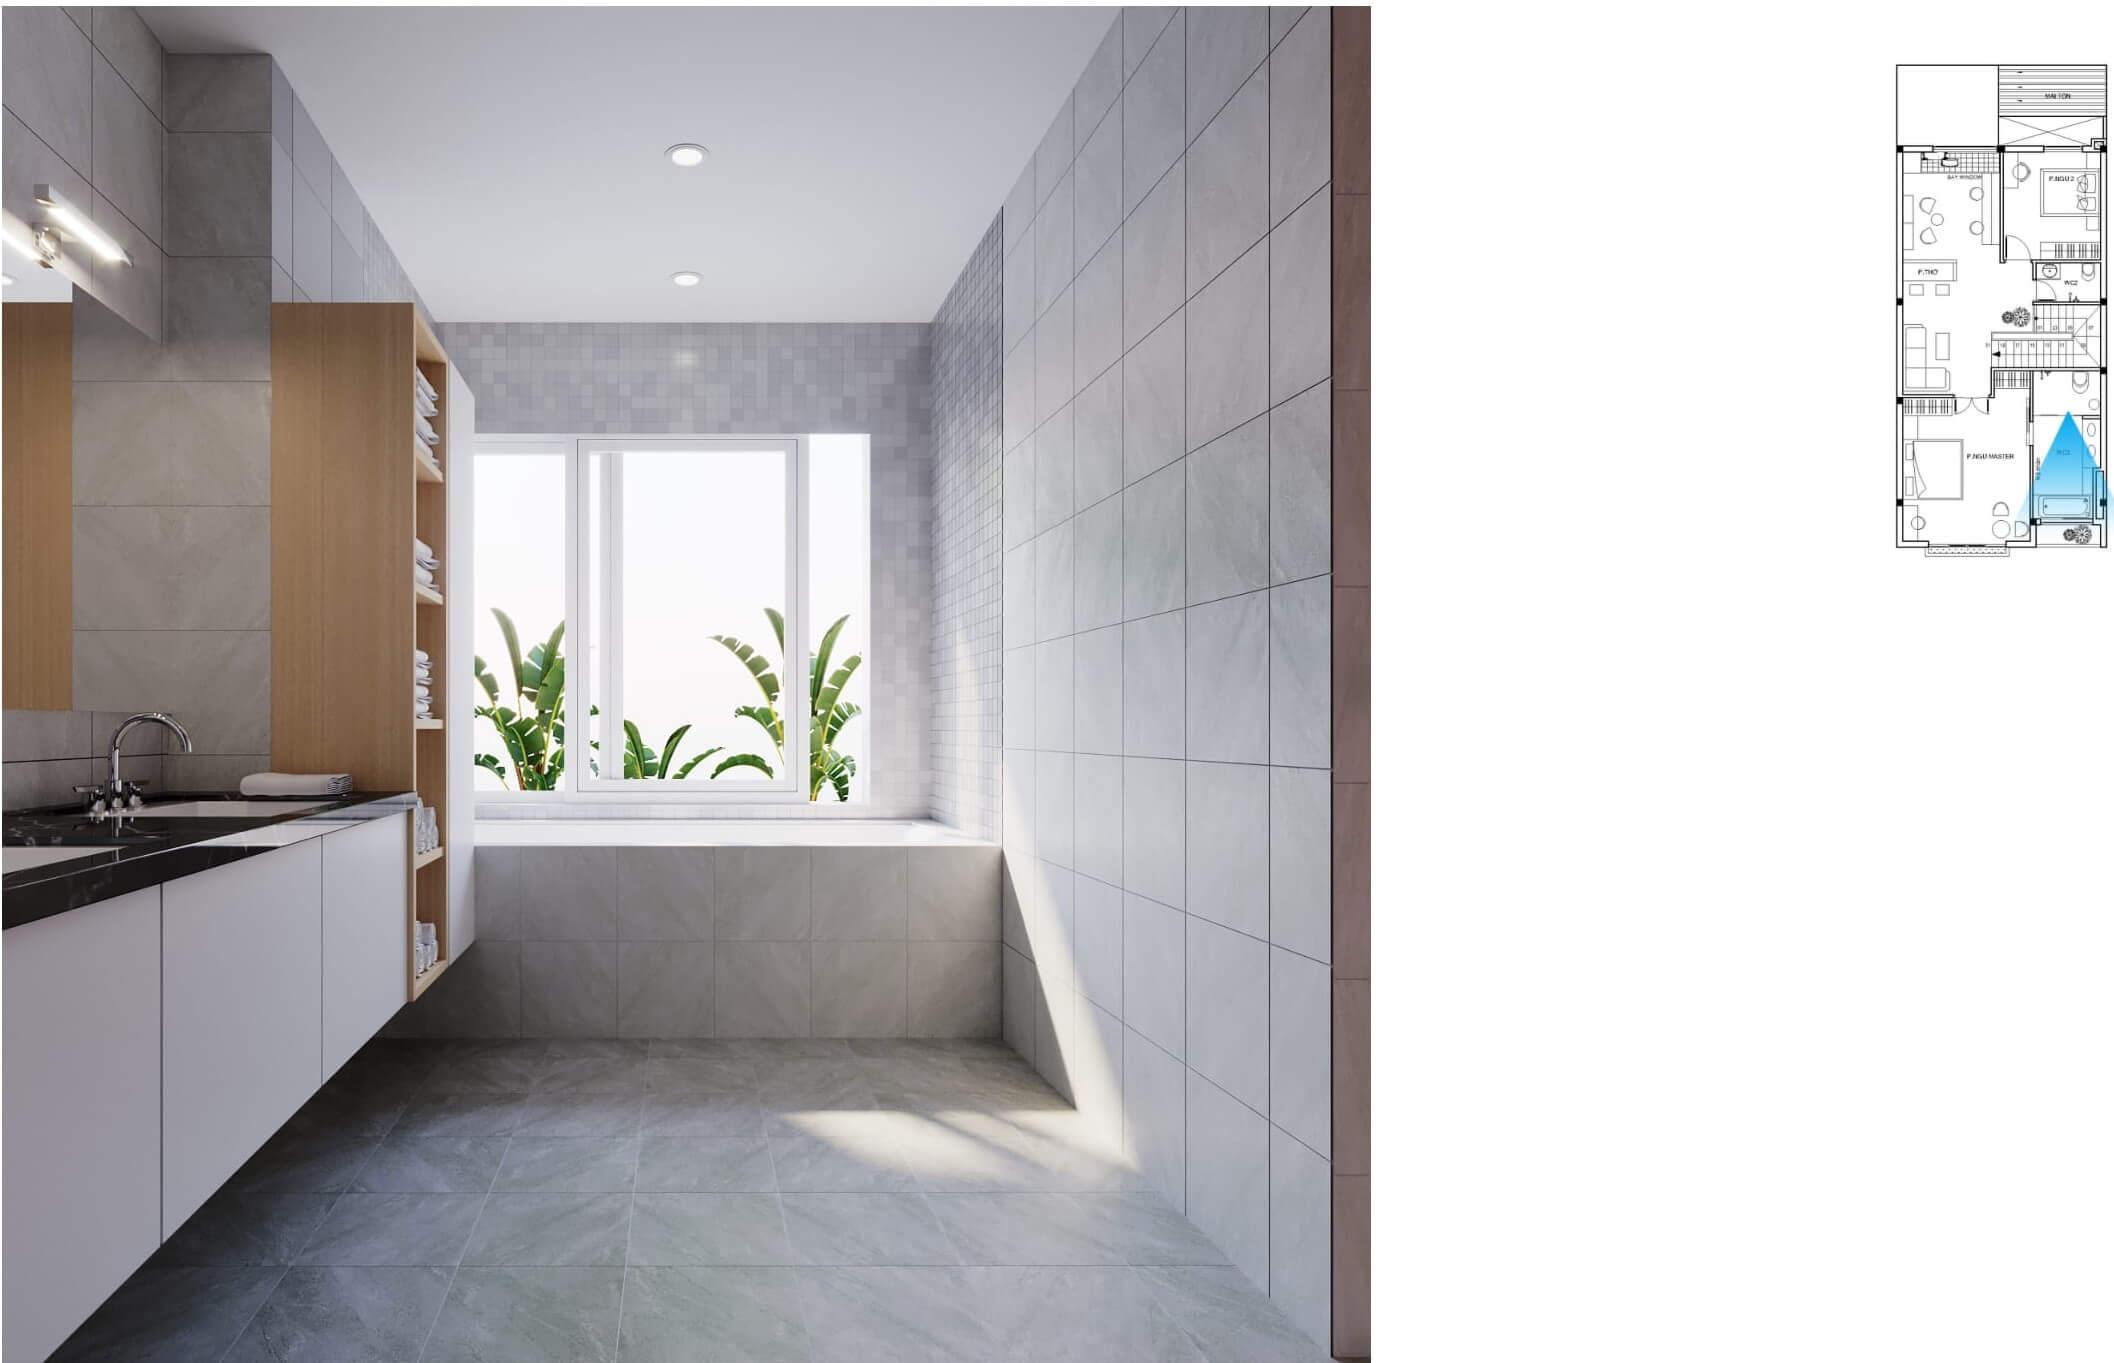 Nhà vệ sinh tràn ngập ánh sáng